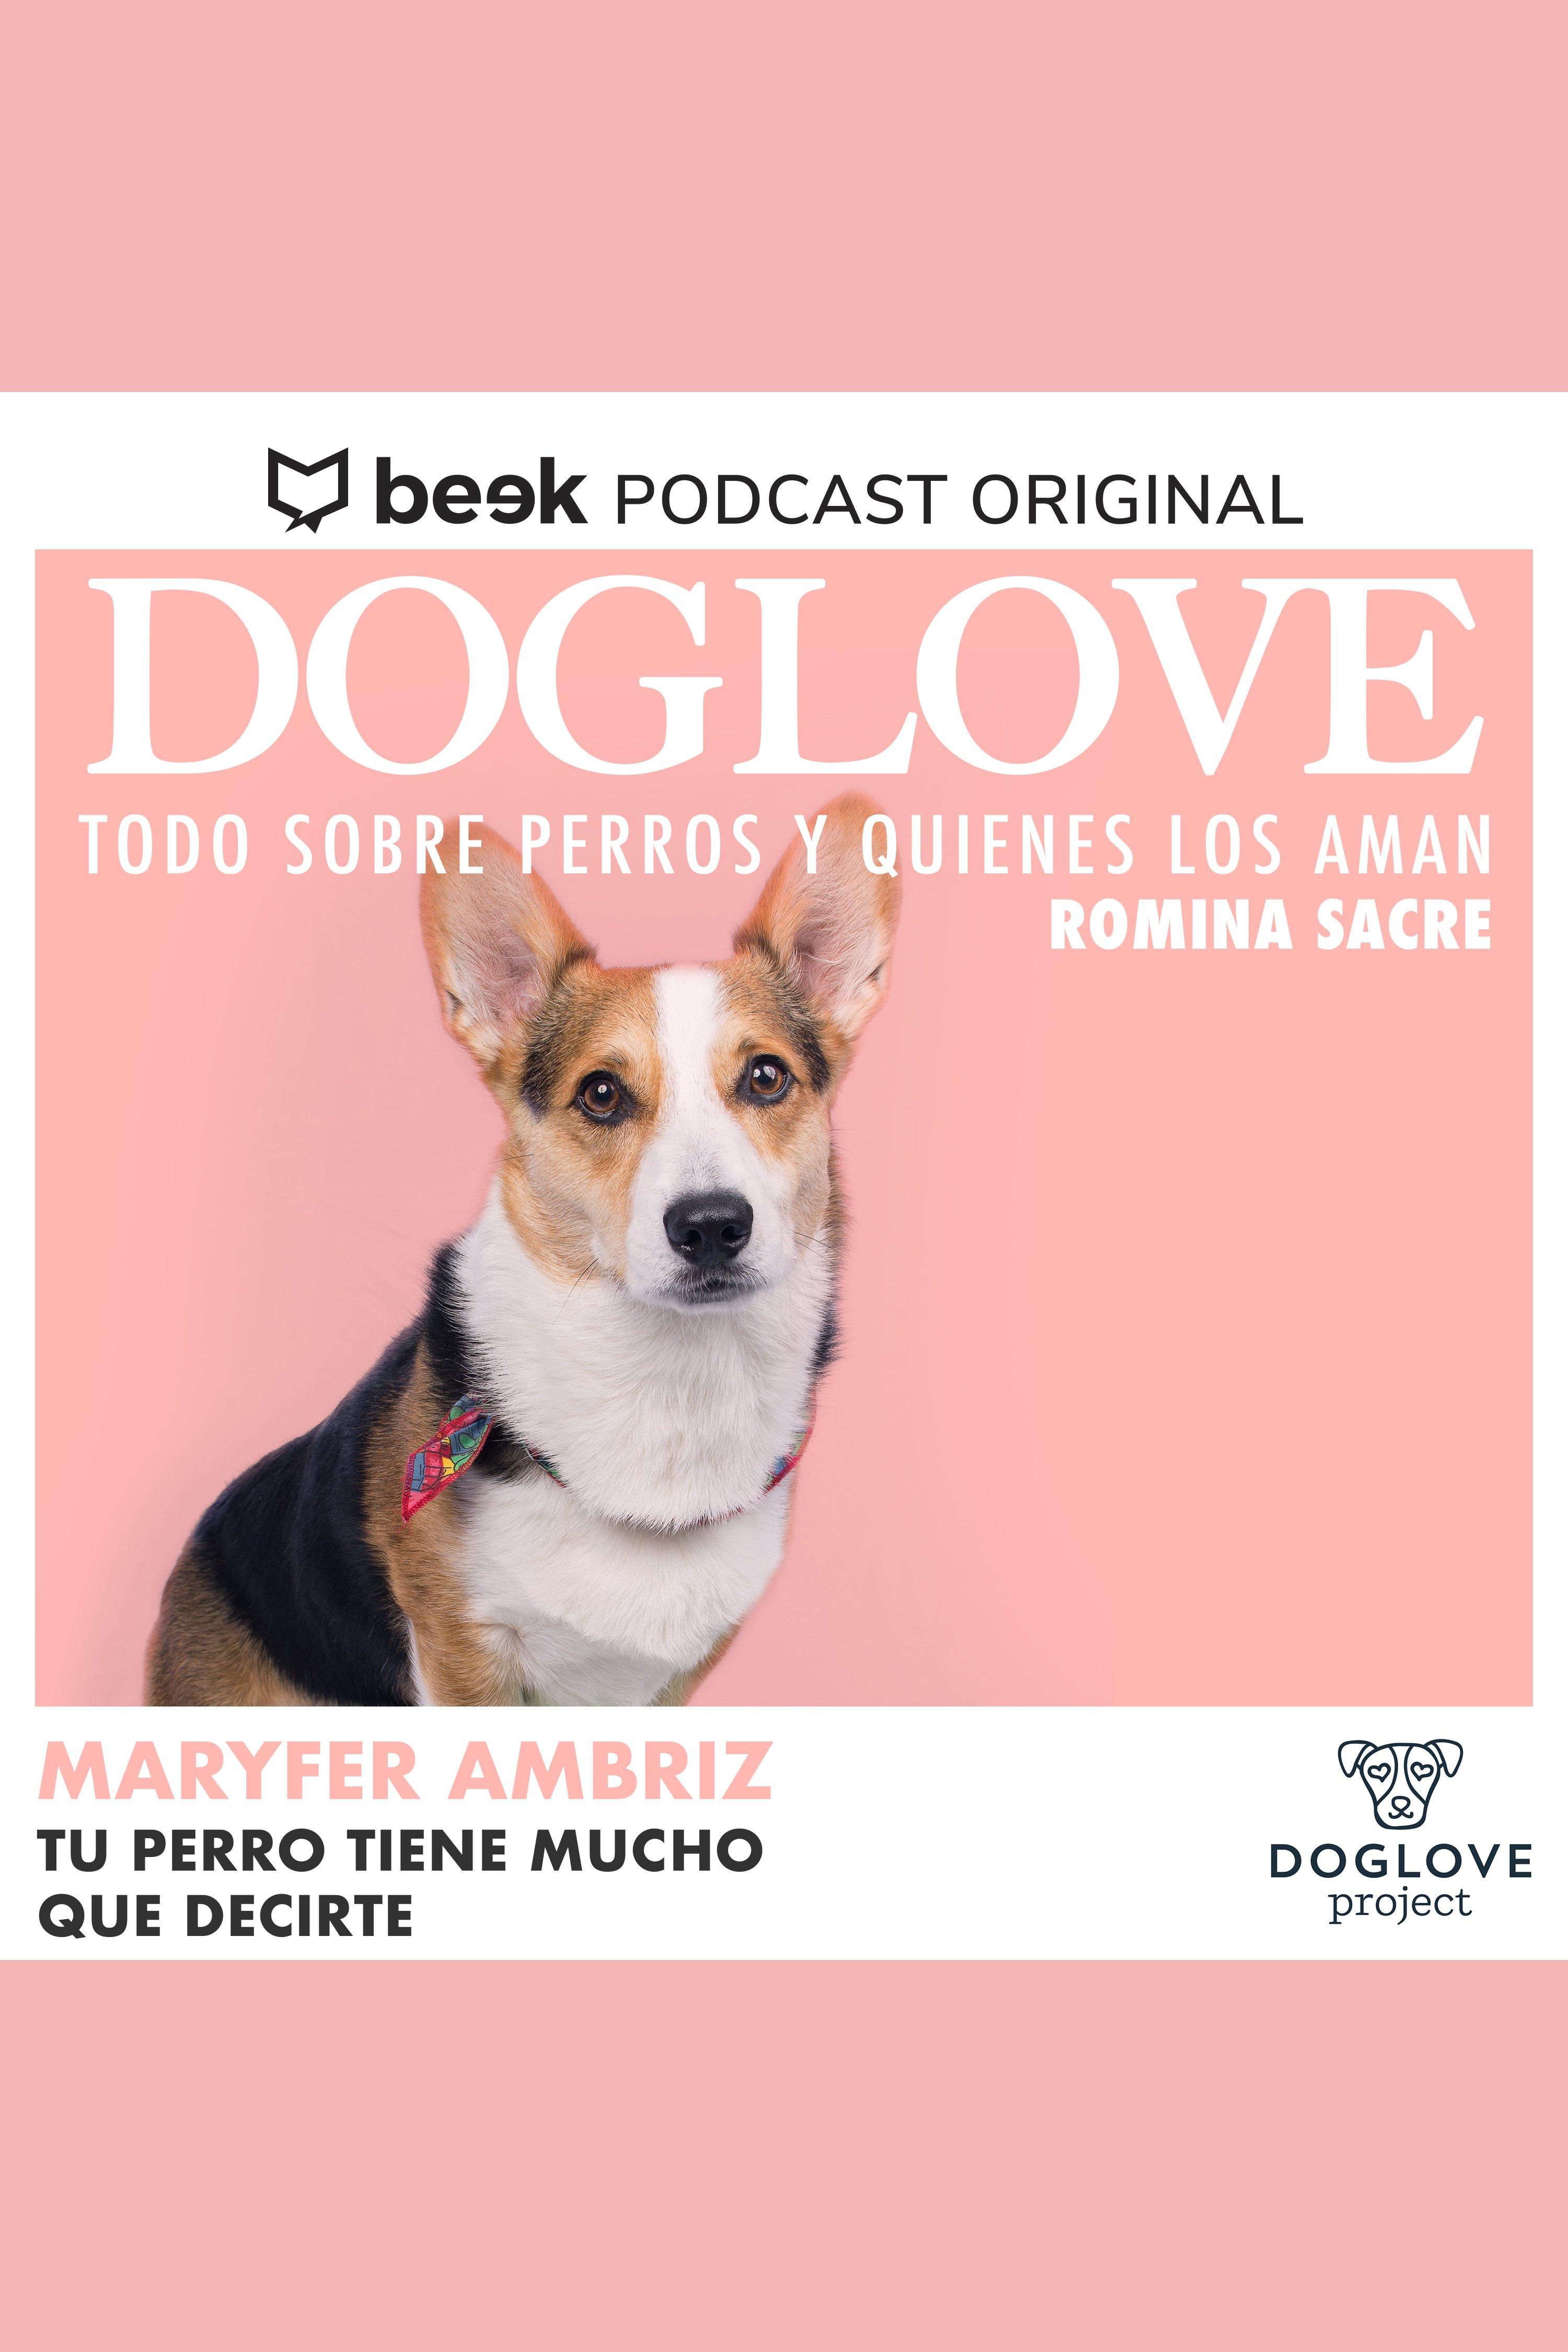 Esta es la portada del audiolibro Tu perro tiene mucho que decirte, con Maryfer Ambriz